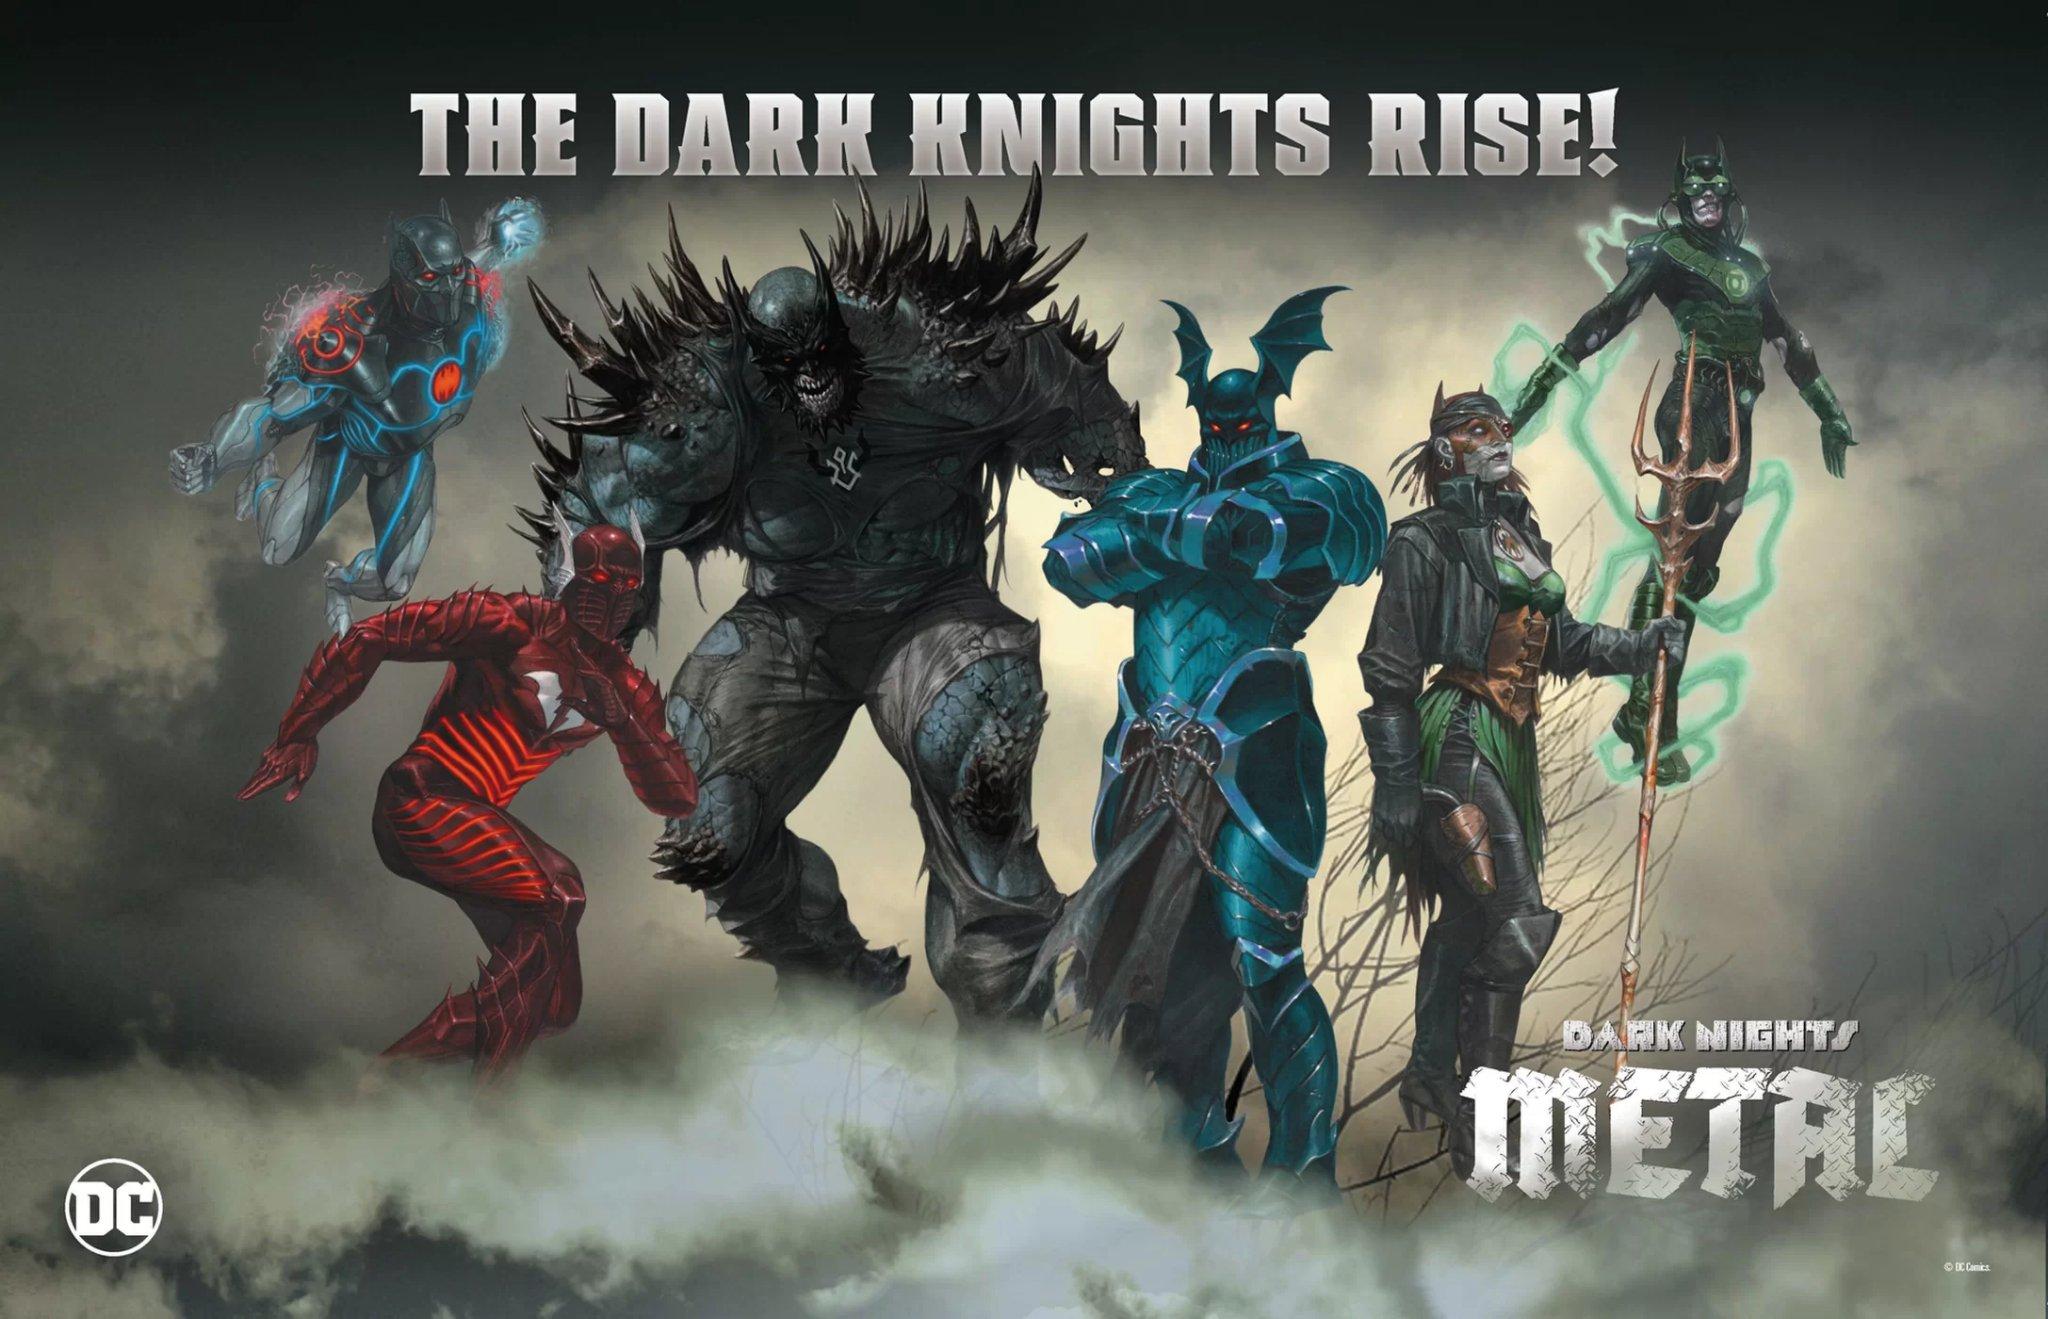 21-22 -  [DC COMICS] Publicaciones Universo DC: Discusión General v2 - Página 7 DFRzoveXkAQhyom